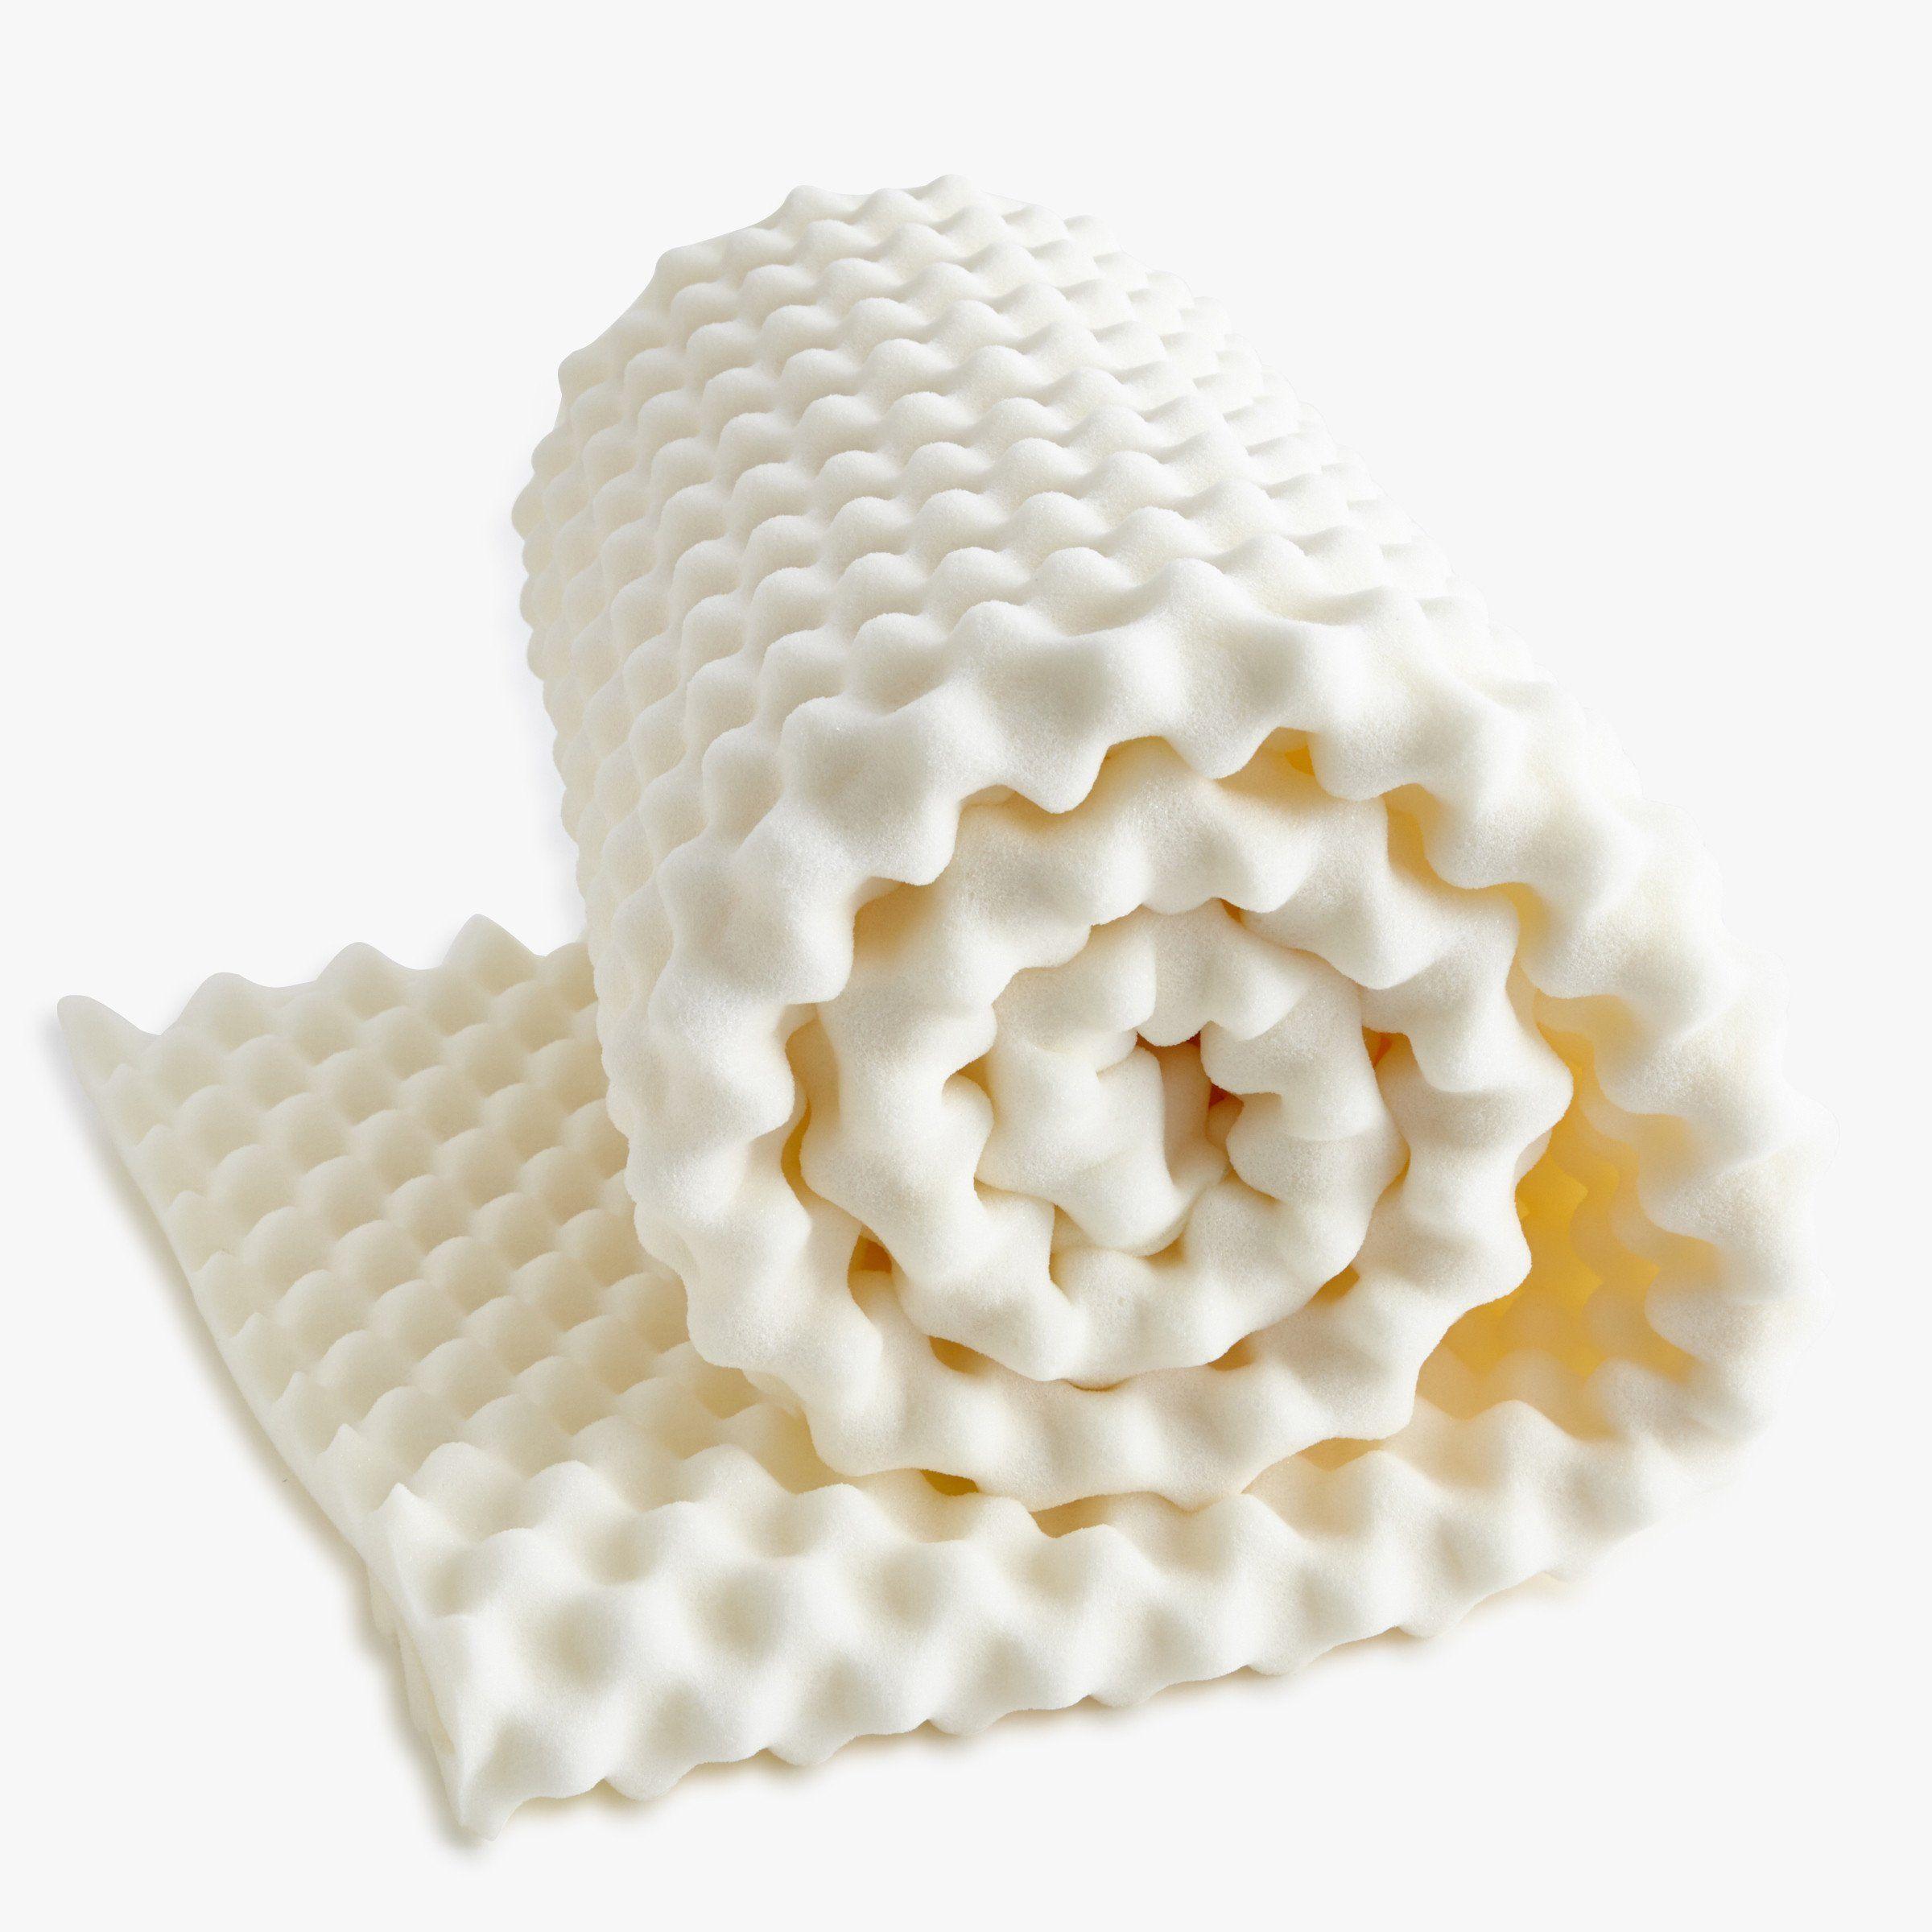 Starter Pack Memory foam mattress topper, Foam mattress